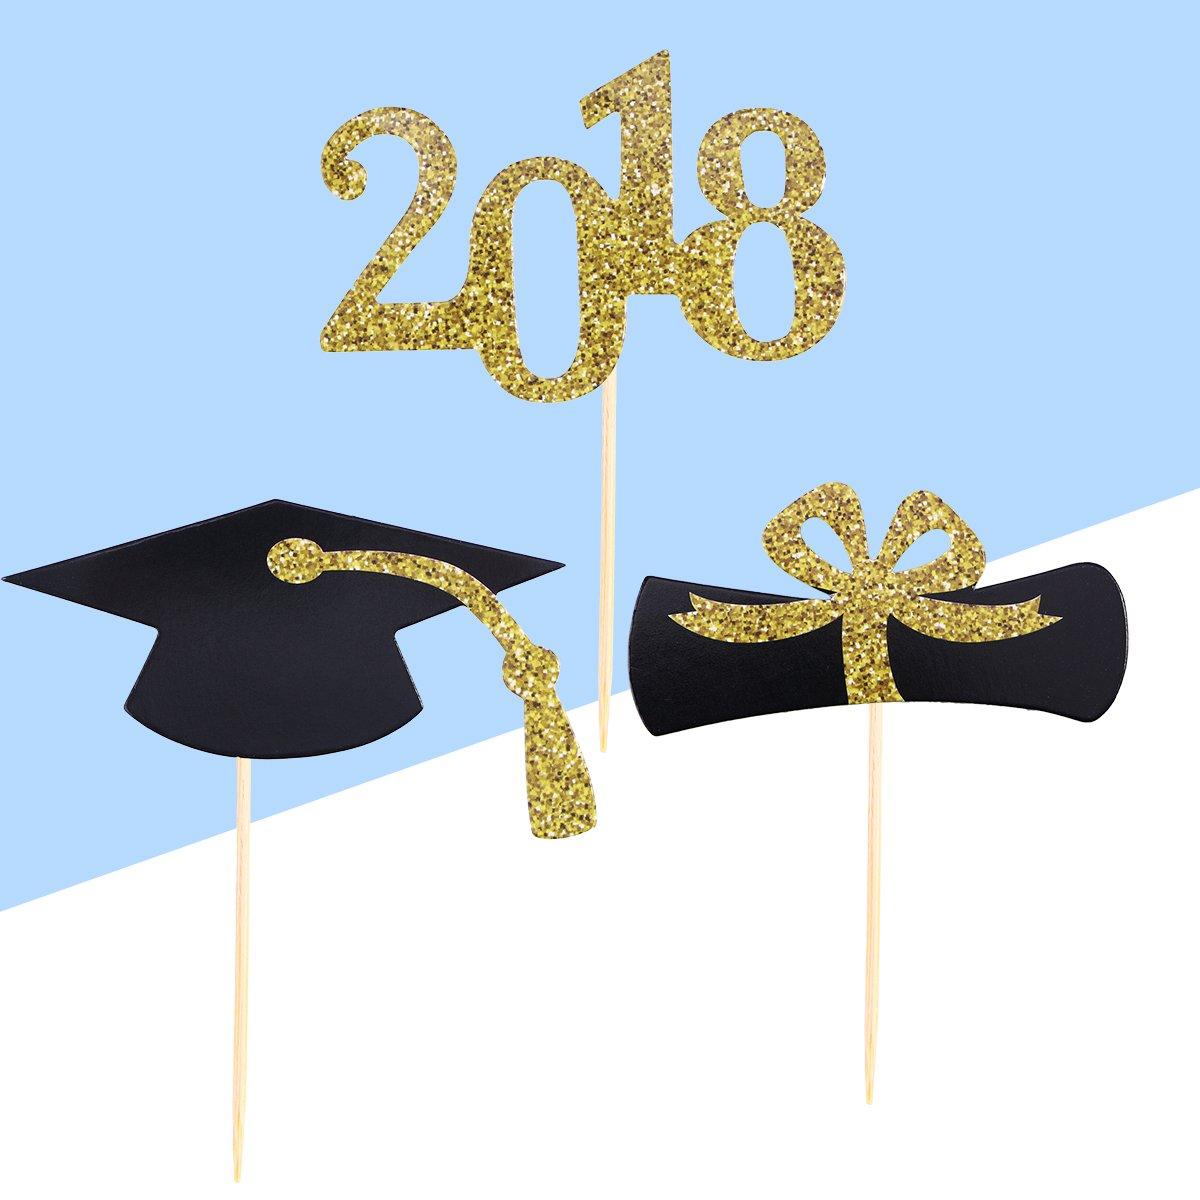 Herramientas de decoraci/ón para la Fuente de la Fiesta de graduaci/ón BESTONZON Graduaci/ón Black Cap Cake Topper Gold Glitter 2018 Primeros de la Magdalena 48pcs